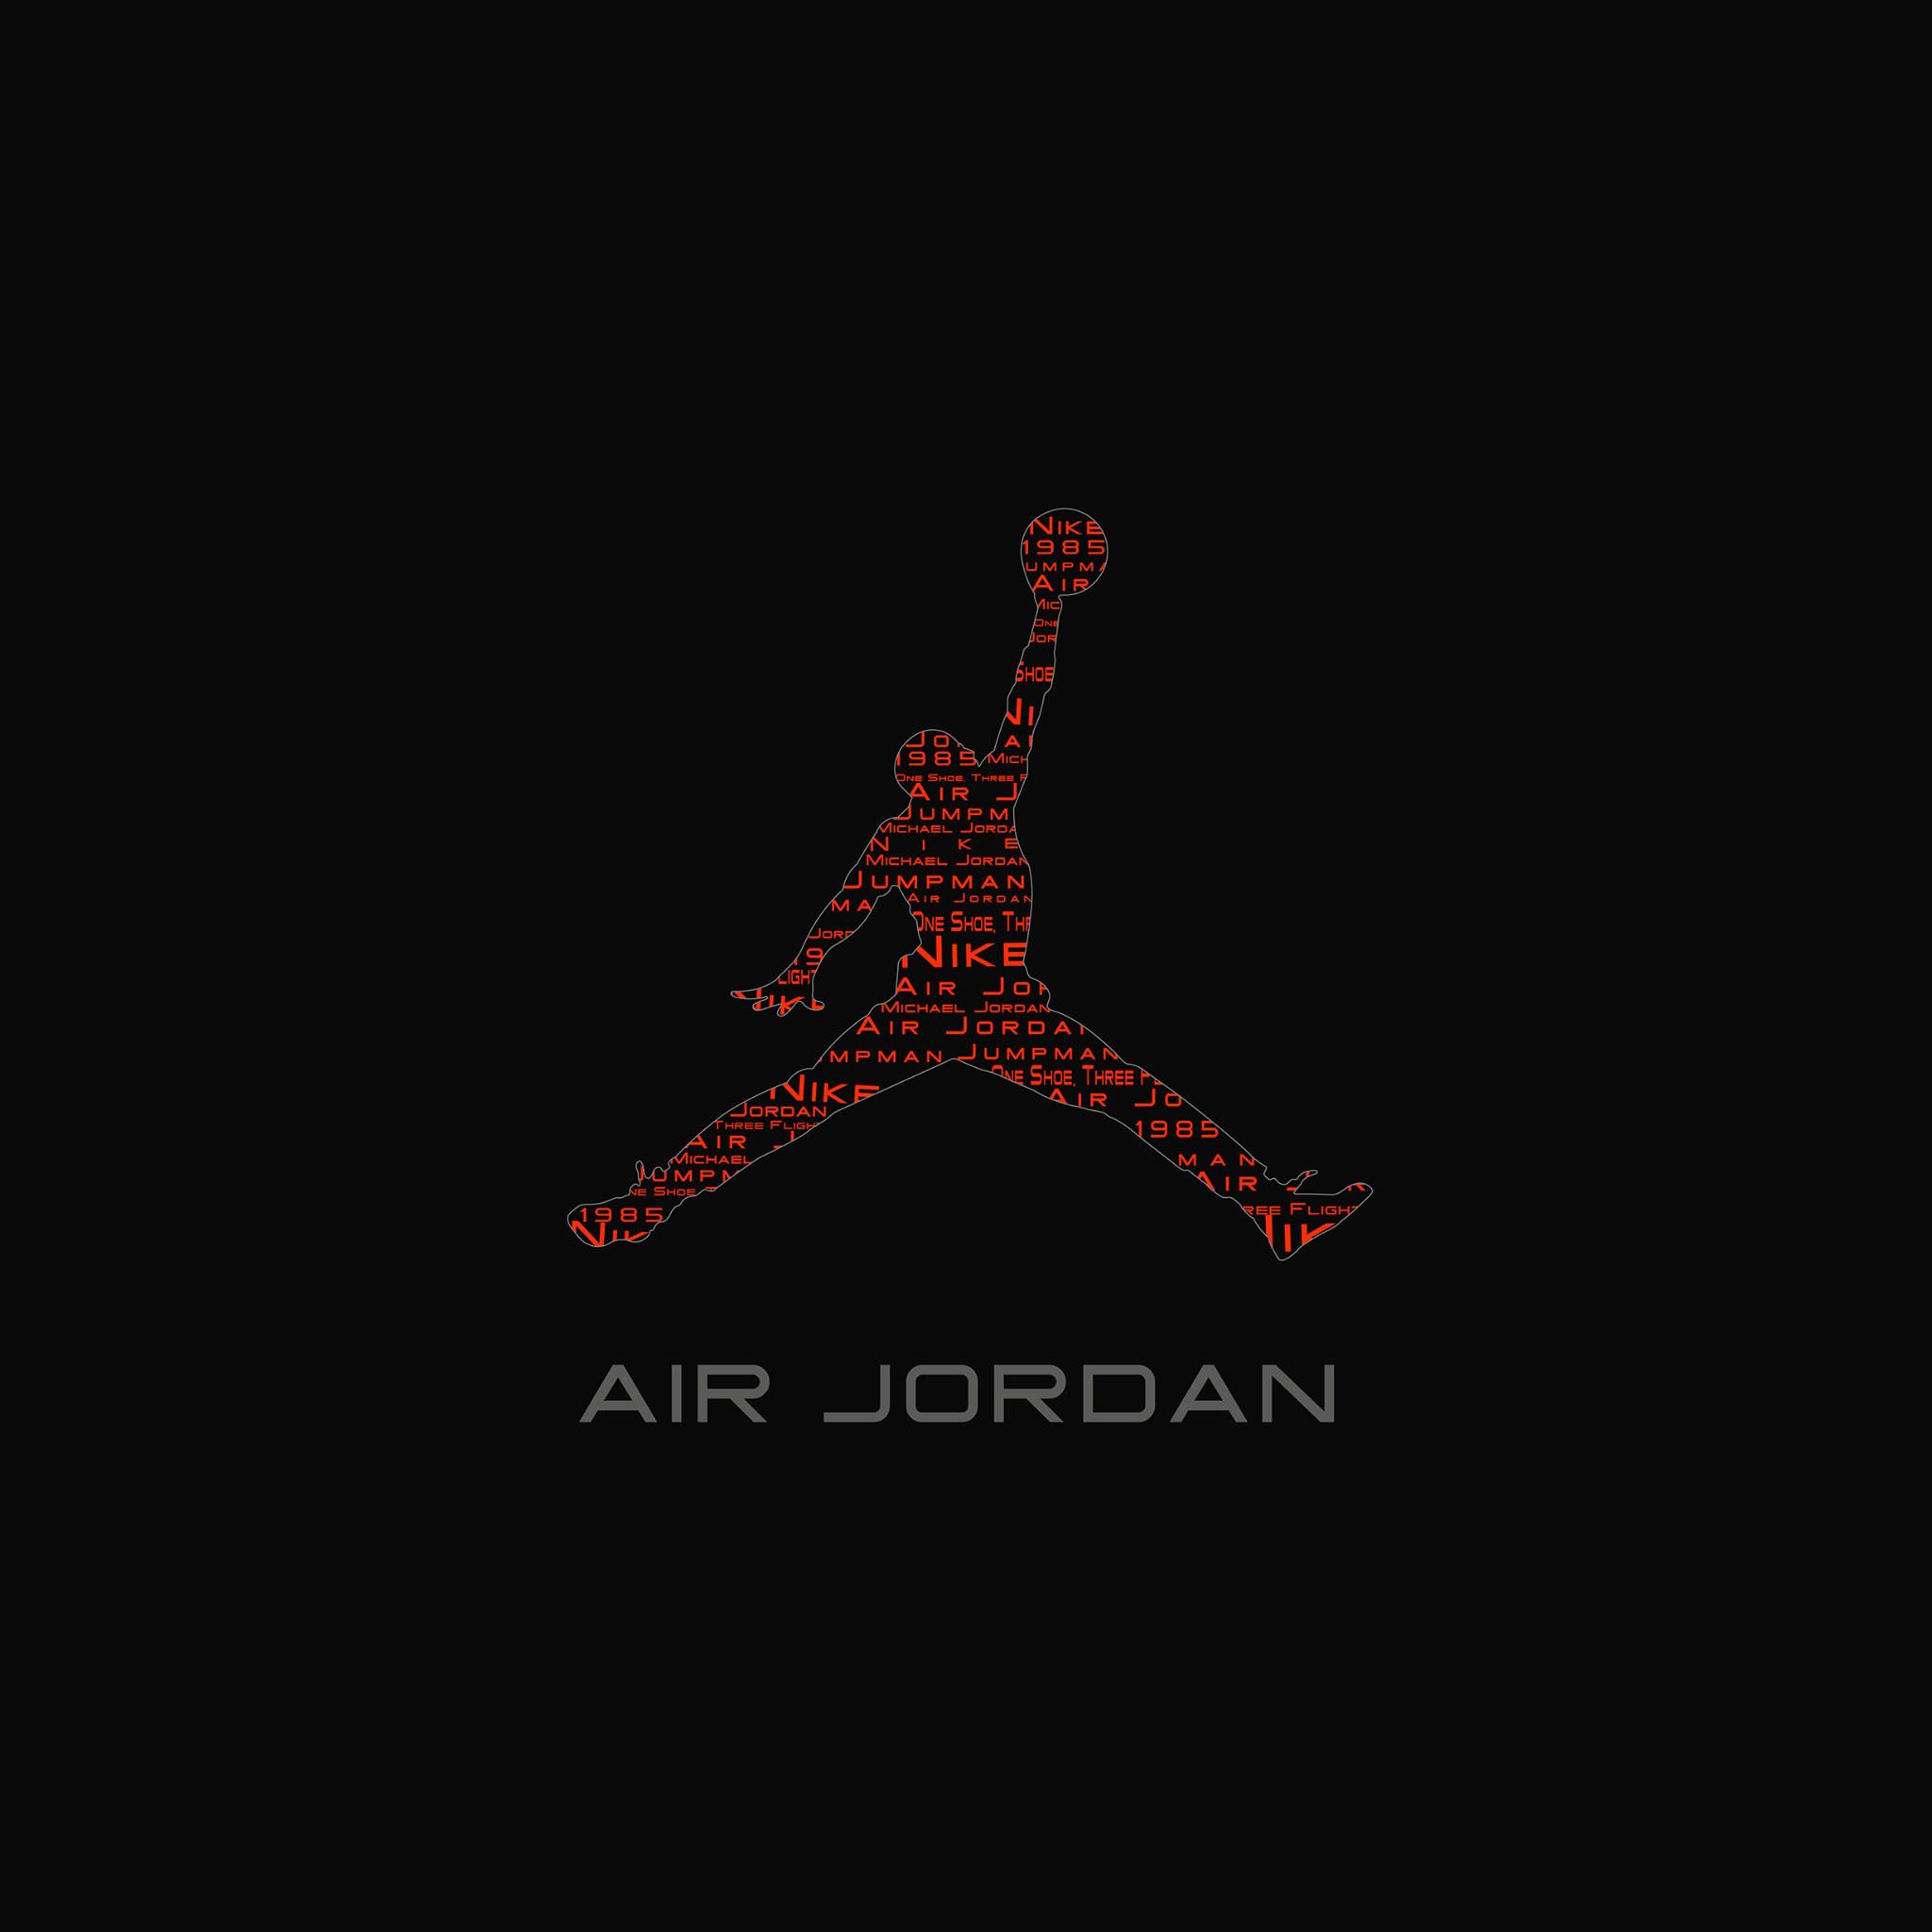 Michael Jordan Wings Wallpaper 59 images